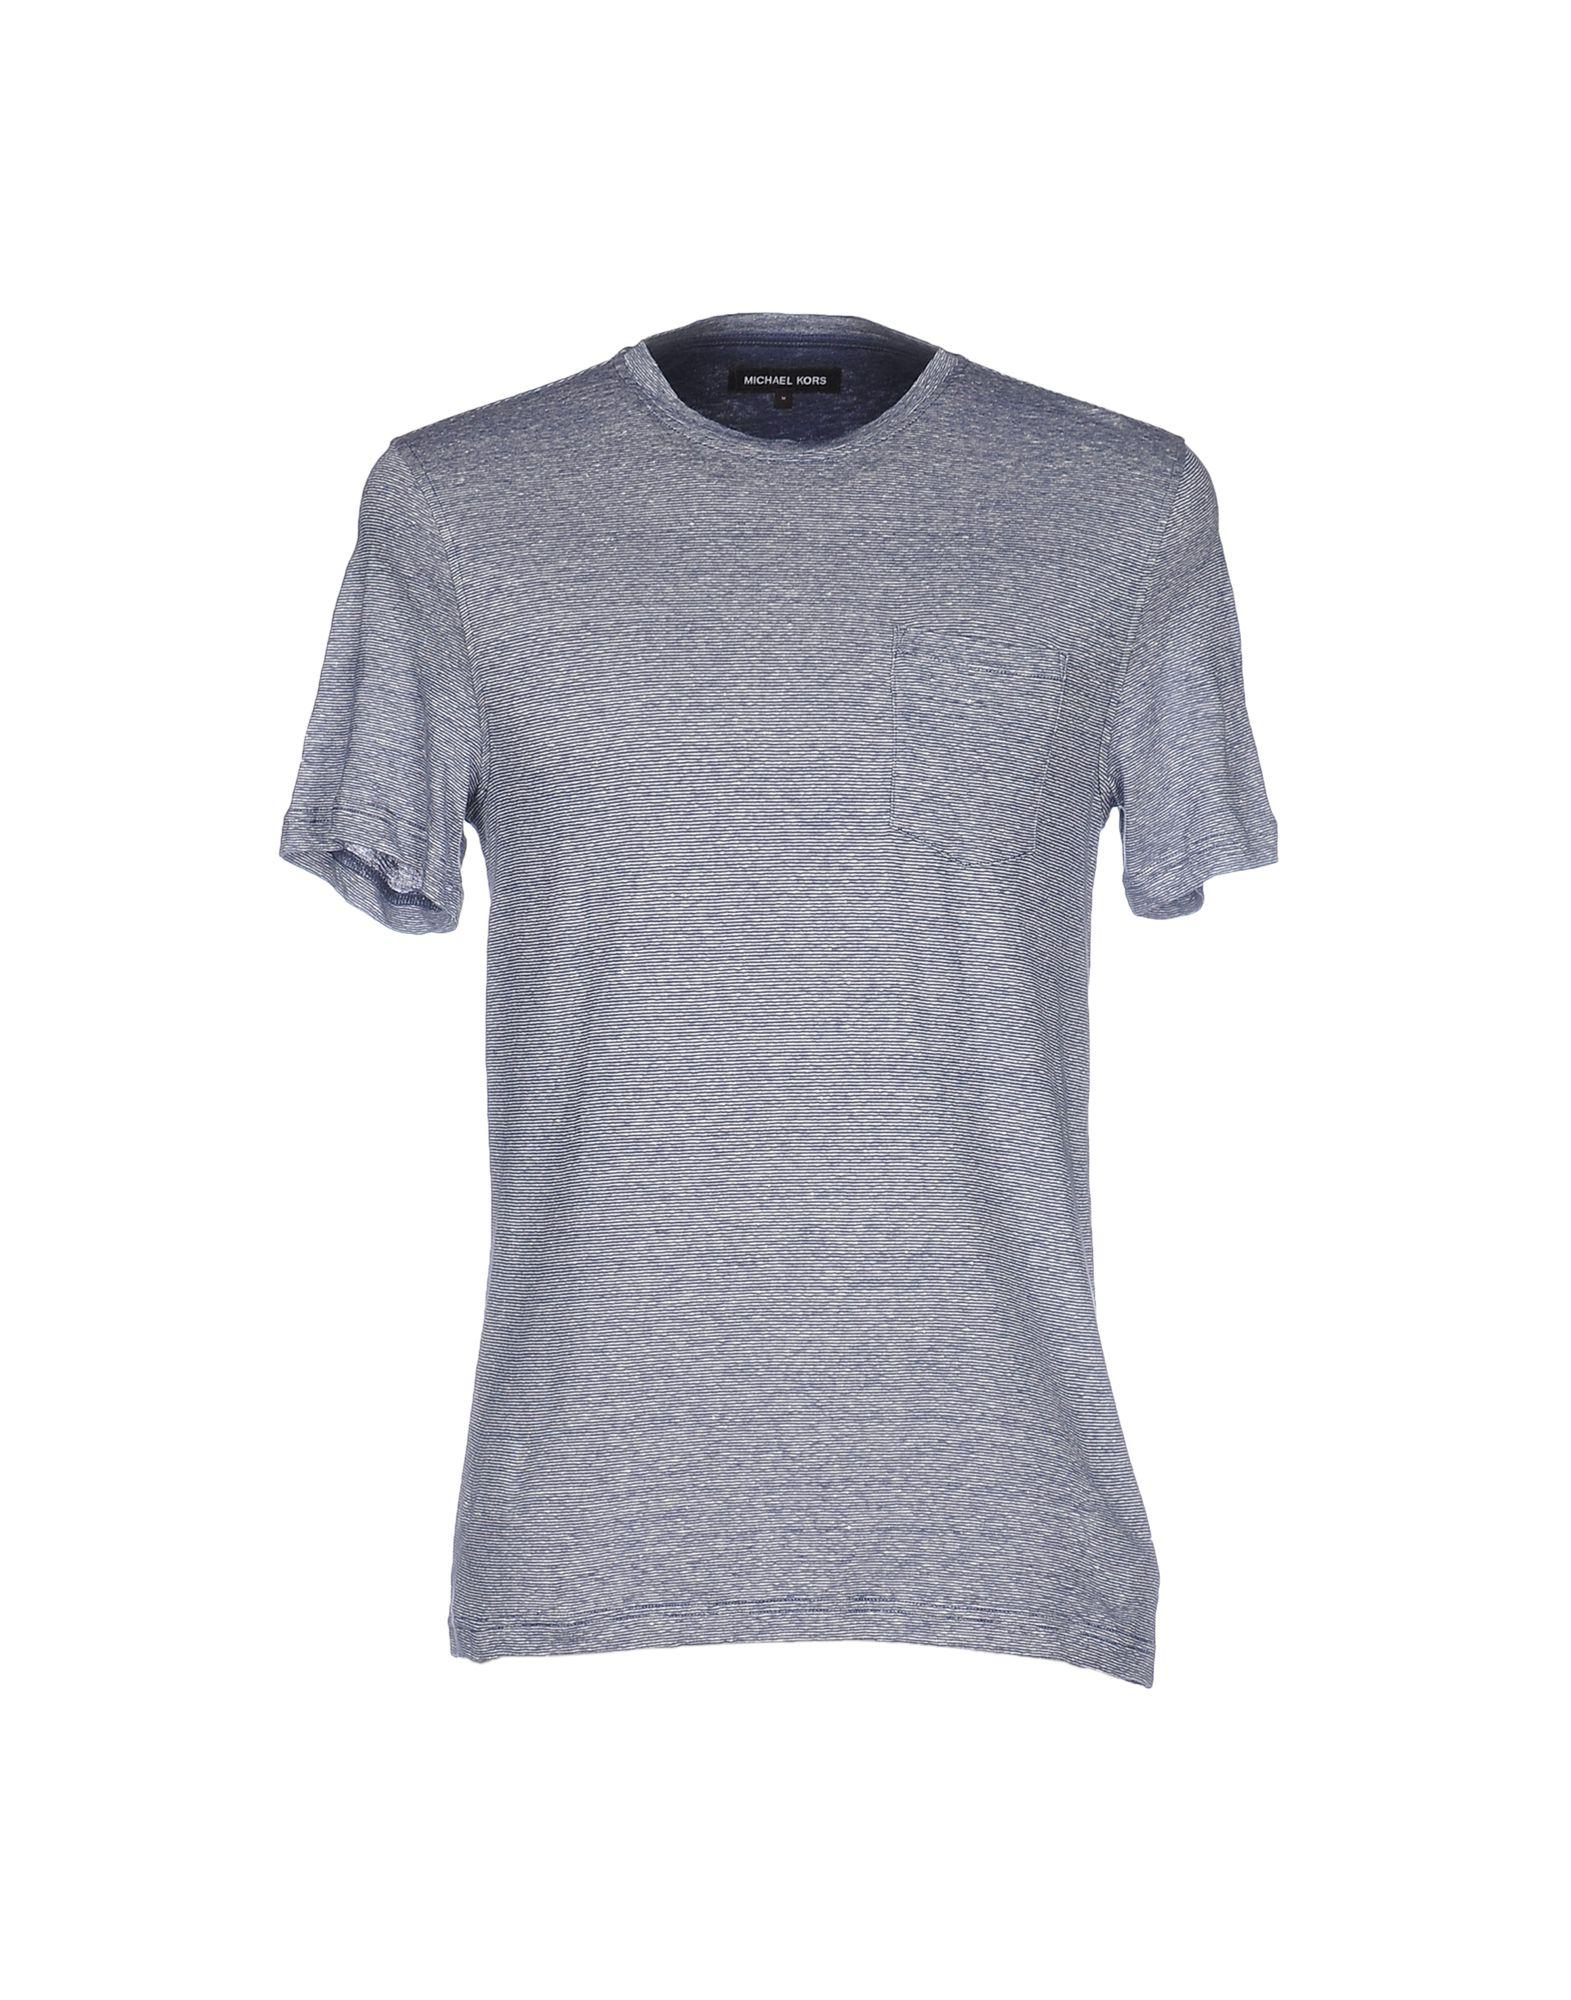 lyst michael kors t shirt in blue for men. Black Bedroom Furniture Sets. Home Design Ideas